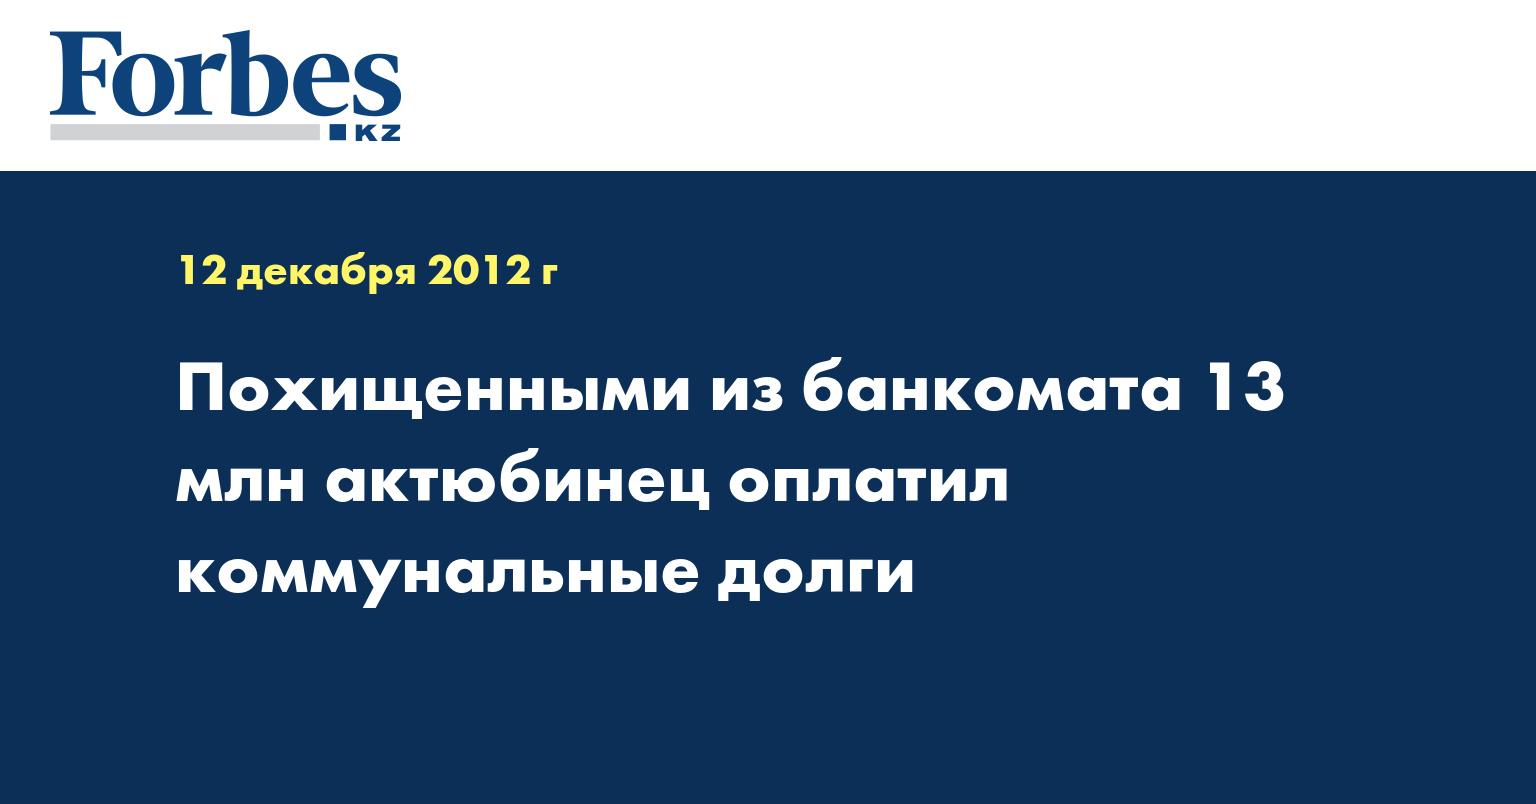 Похищенными из банкомата 13 млн актюбинец оплатил коммунальные долги